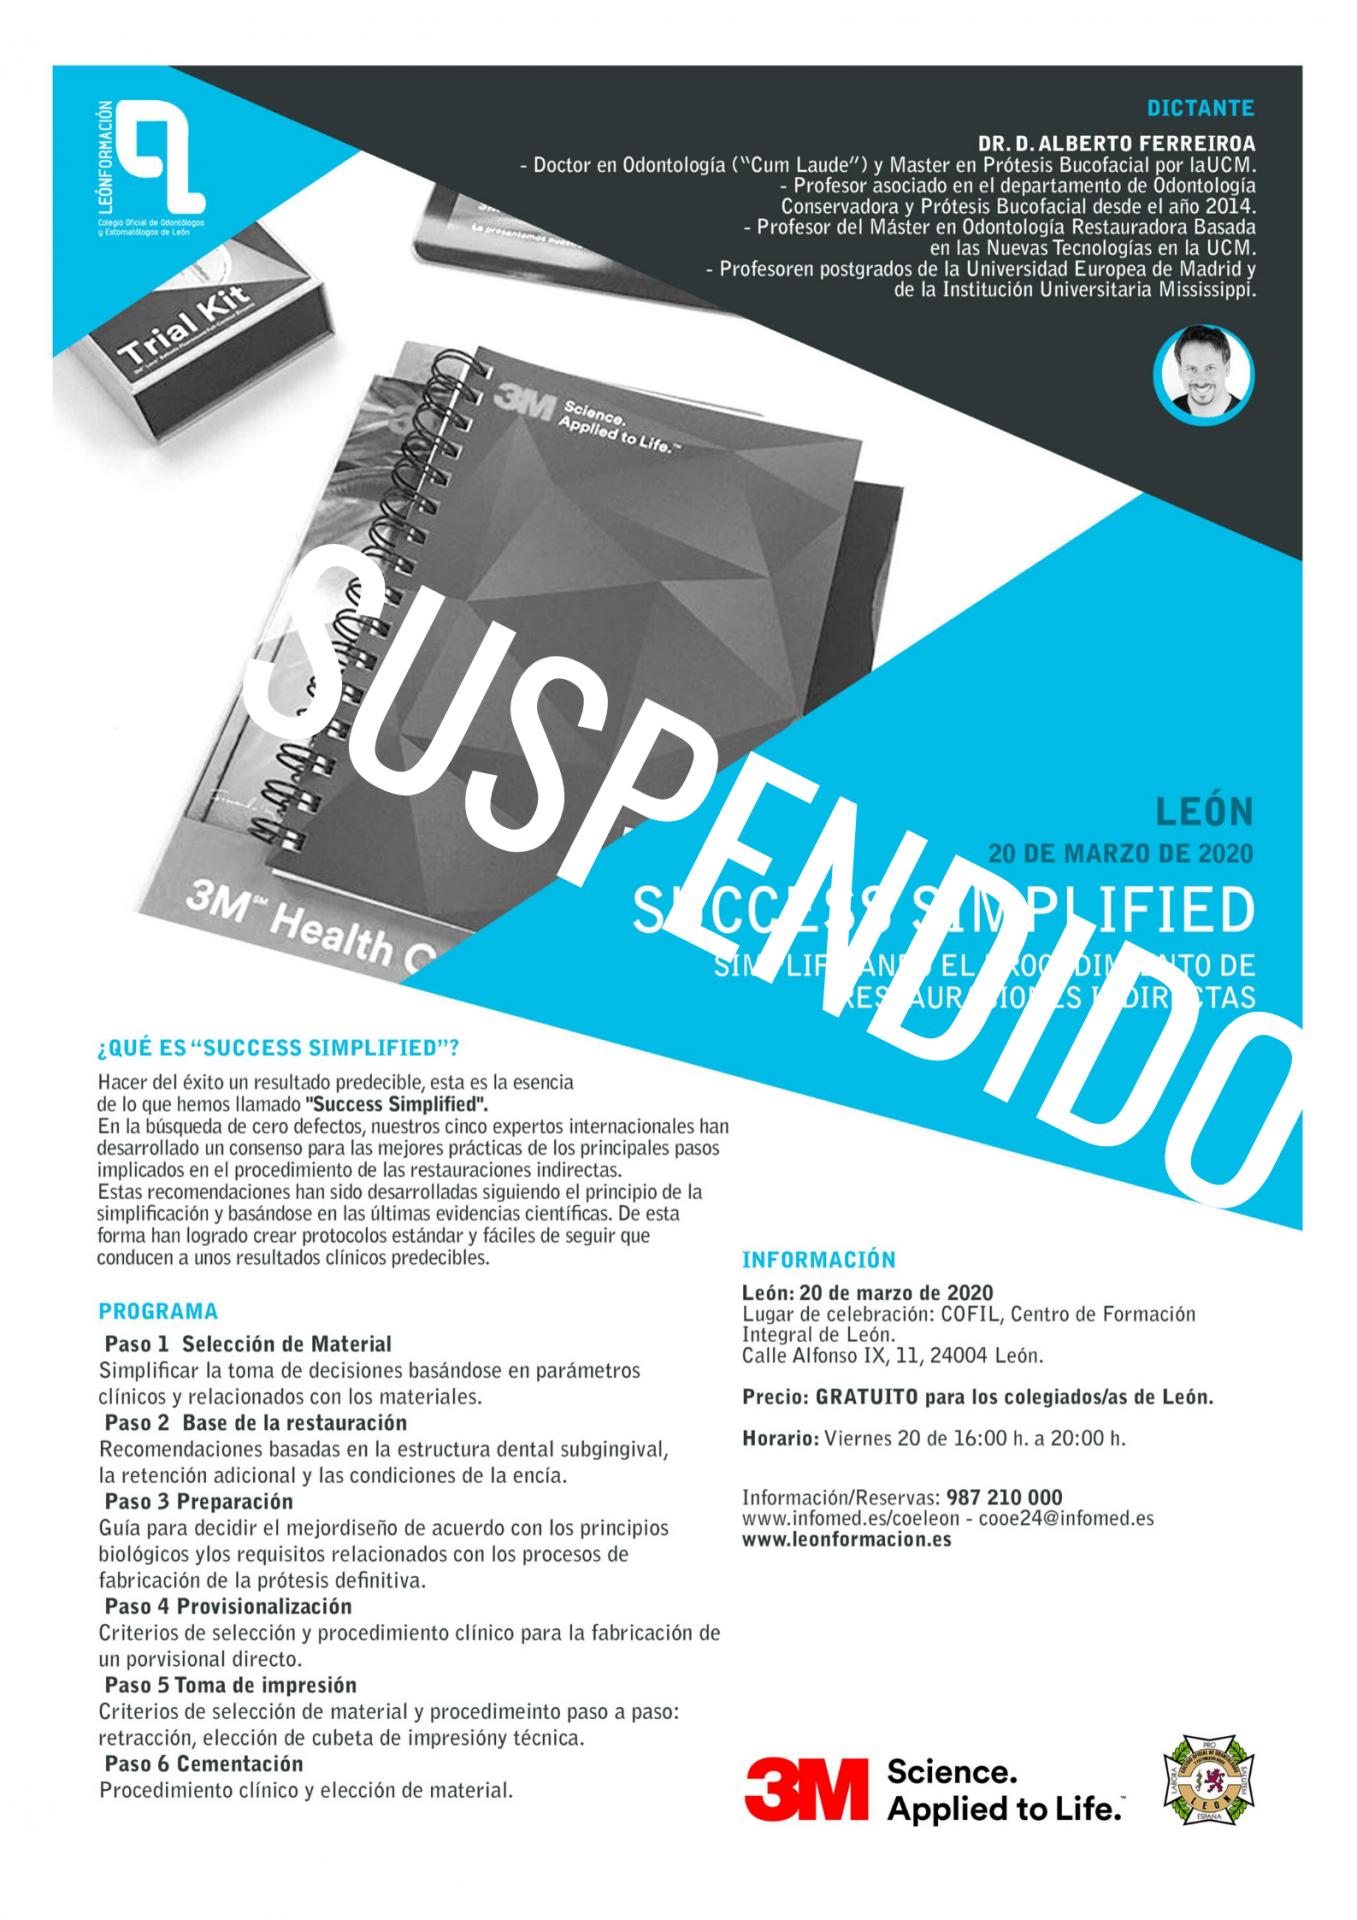 Suspendido temporalmente el Curso 'Success simplified. Simplificando el procedimiento de restauraciones indirectas'